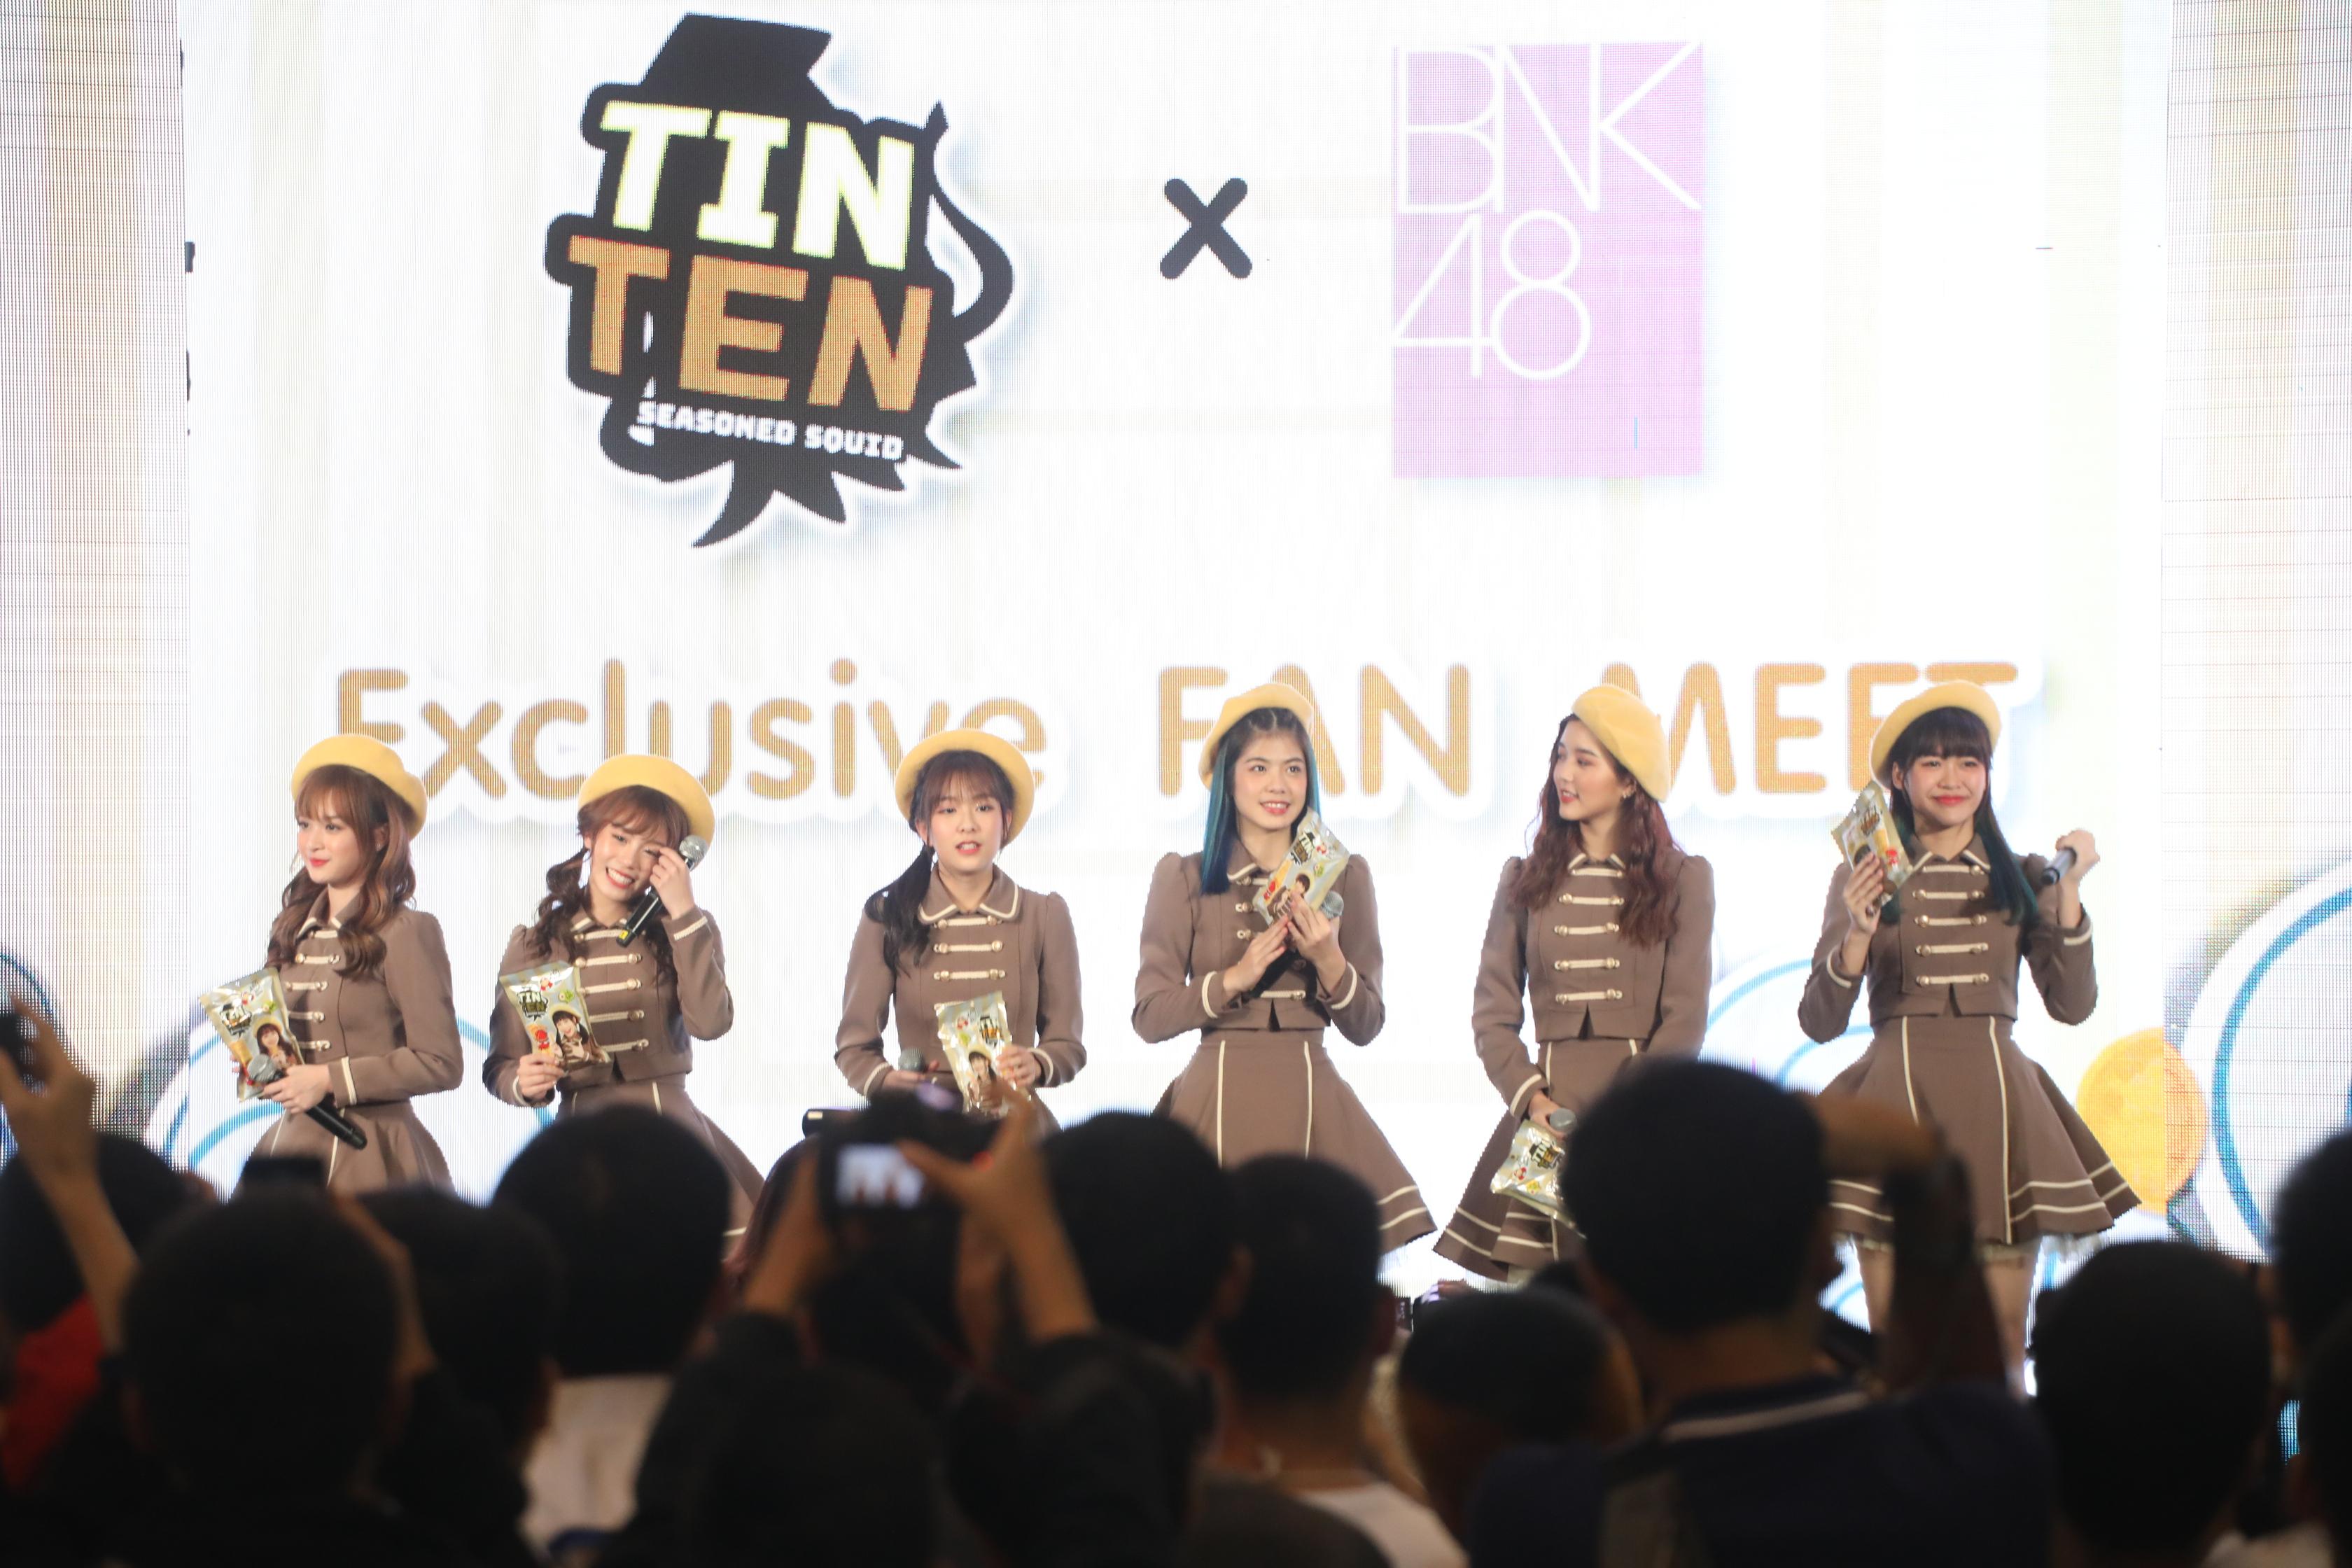 BNK48 2期生が「TinTen」のプレゼンターに、TinTen X BNK48 ファンミ開催